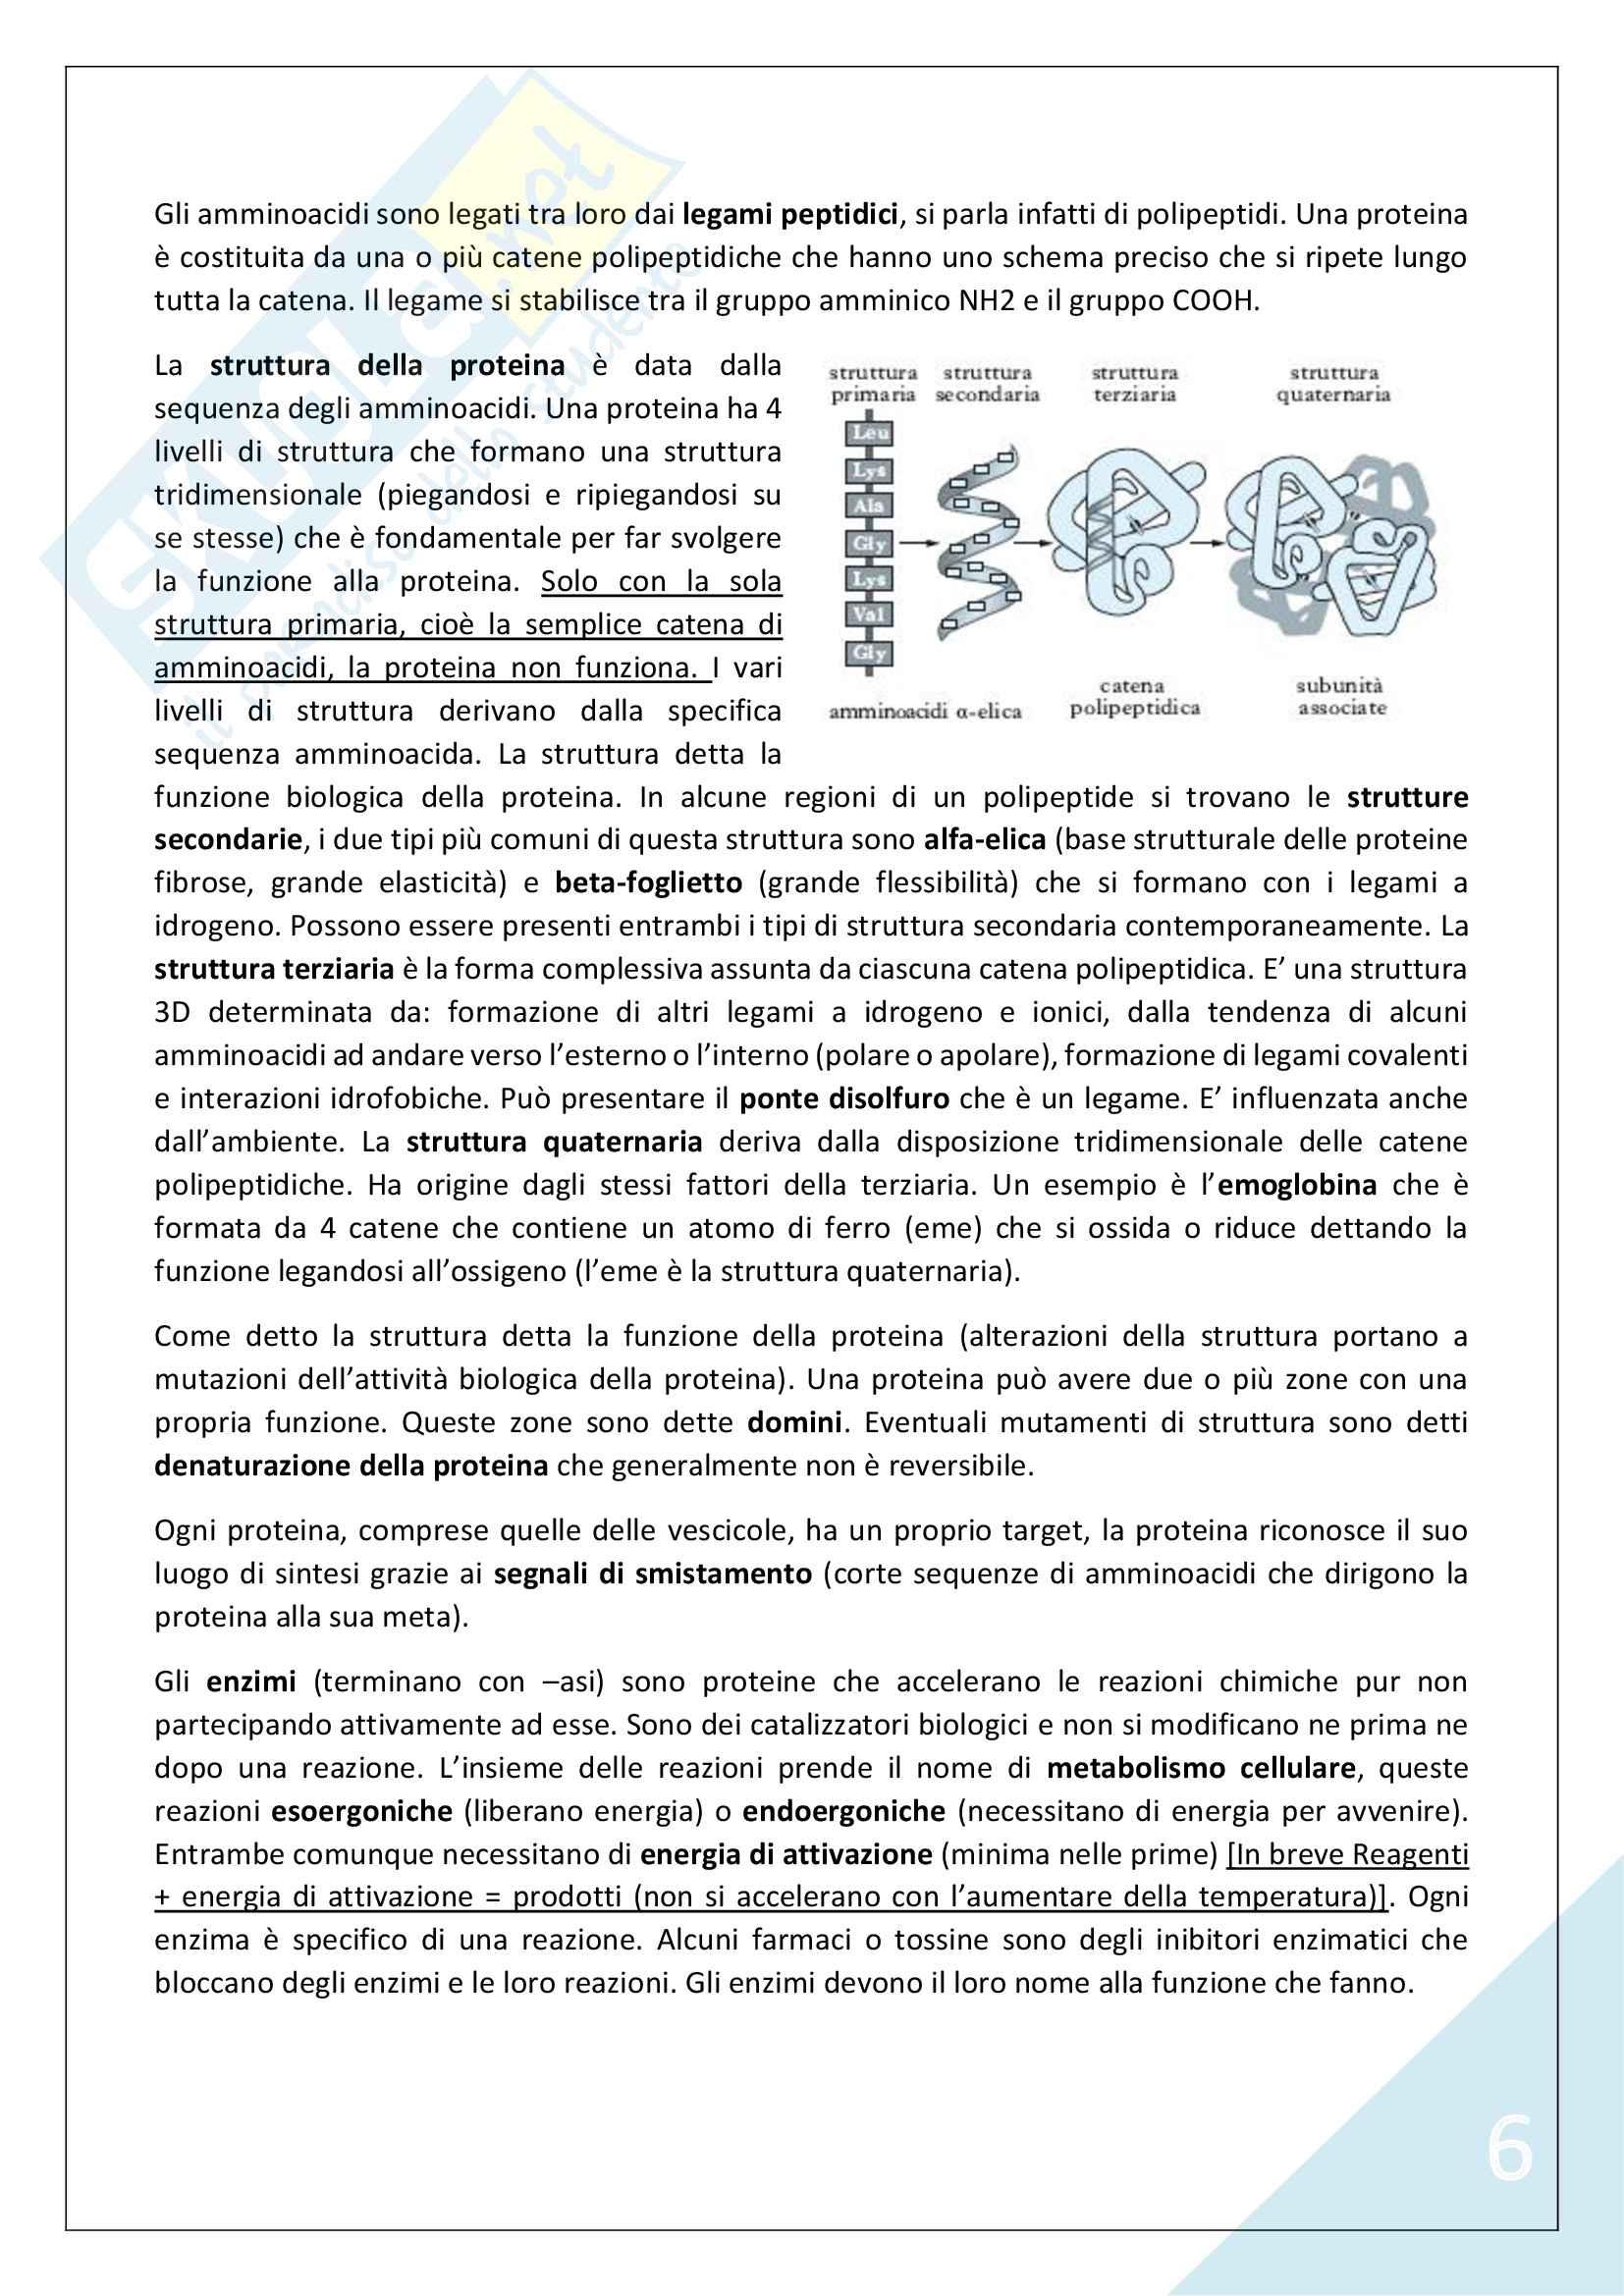 Biologia Applicata - 1° Anno Scienze Motorie Pag. 6